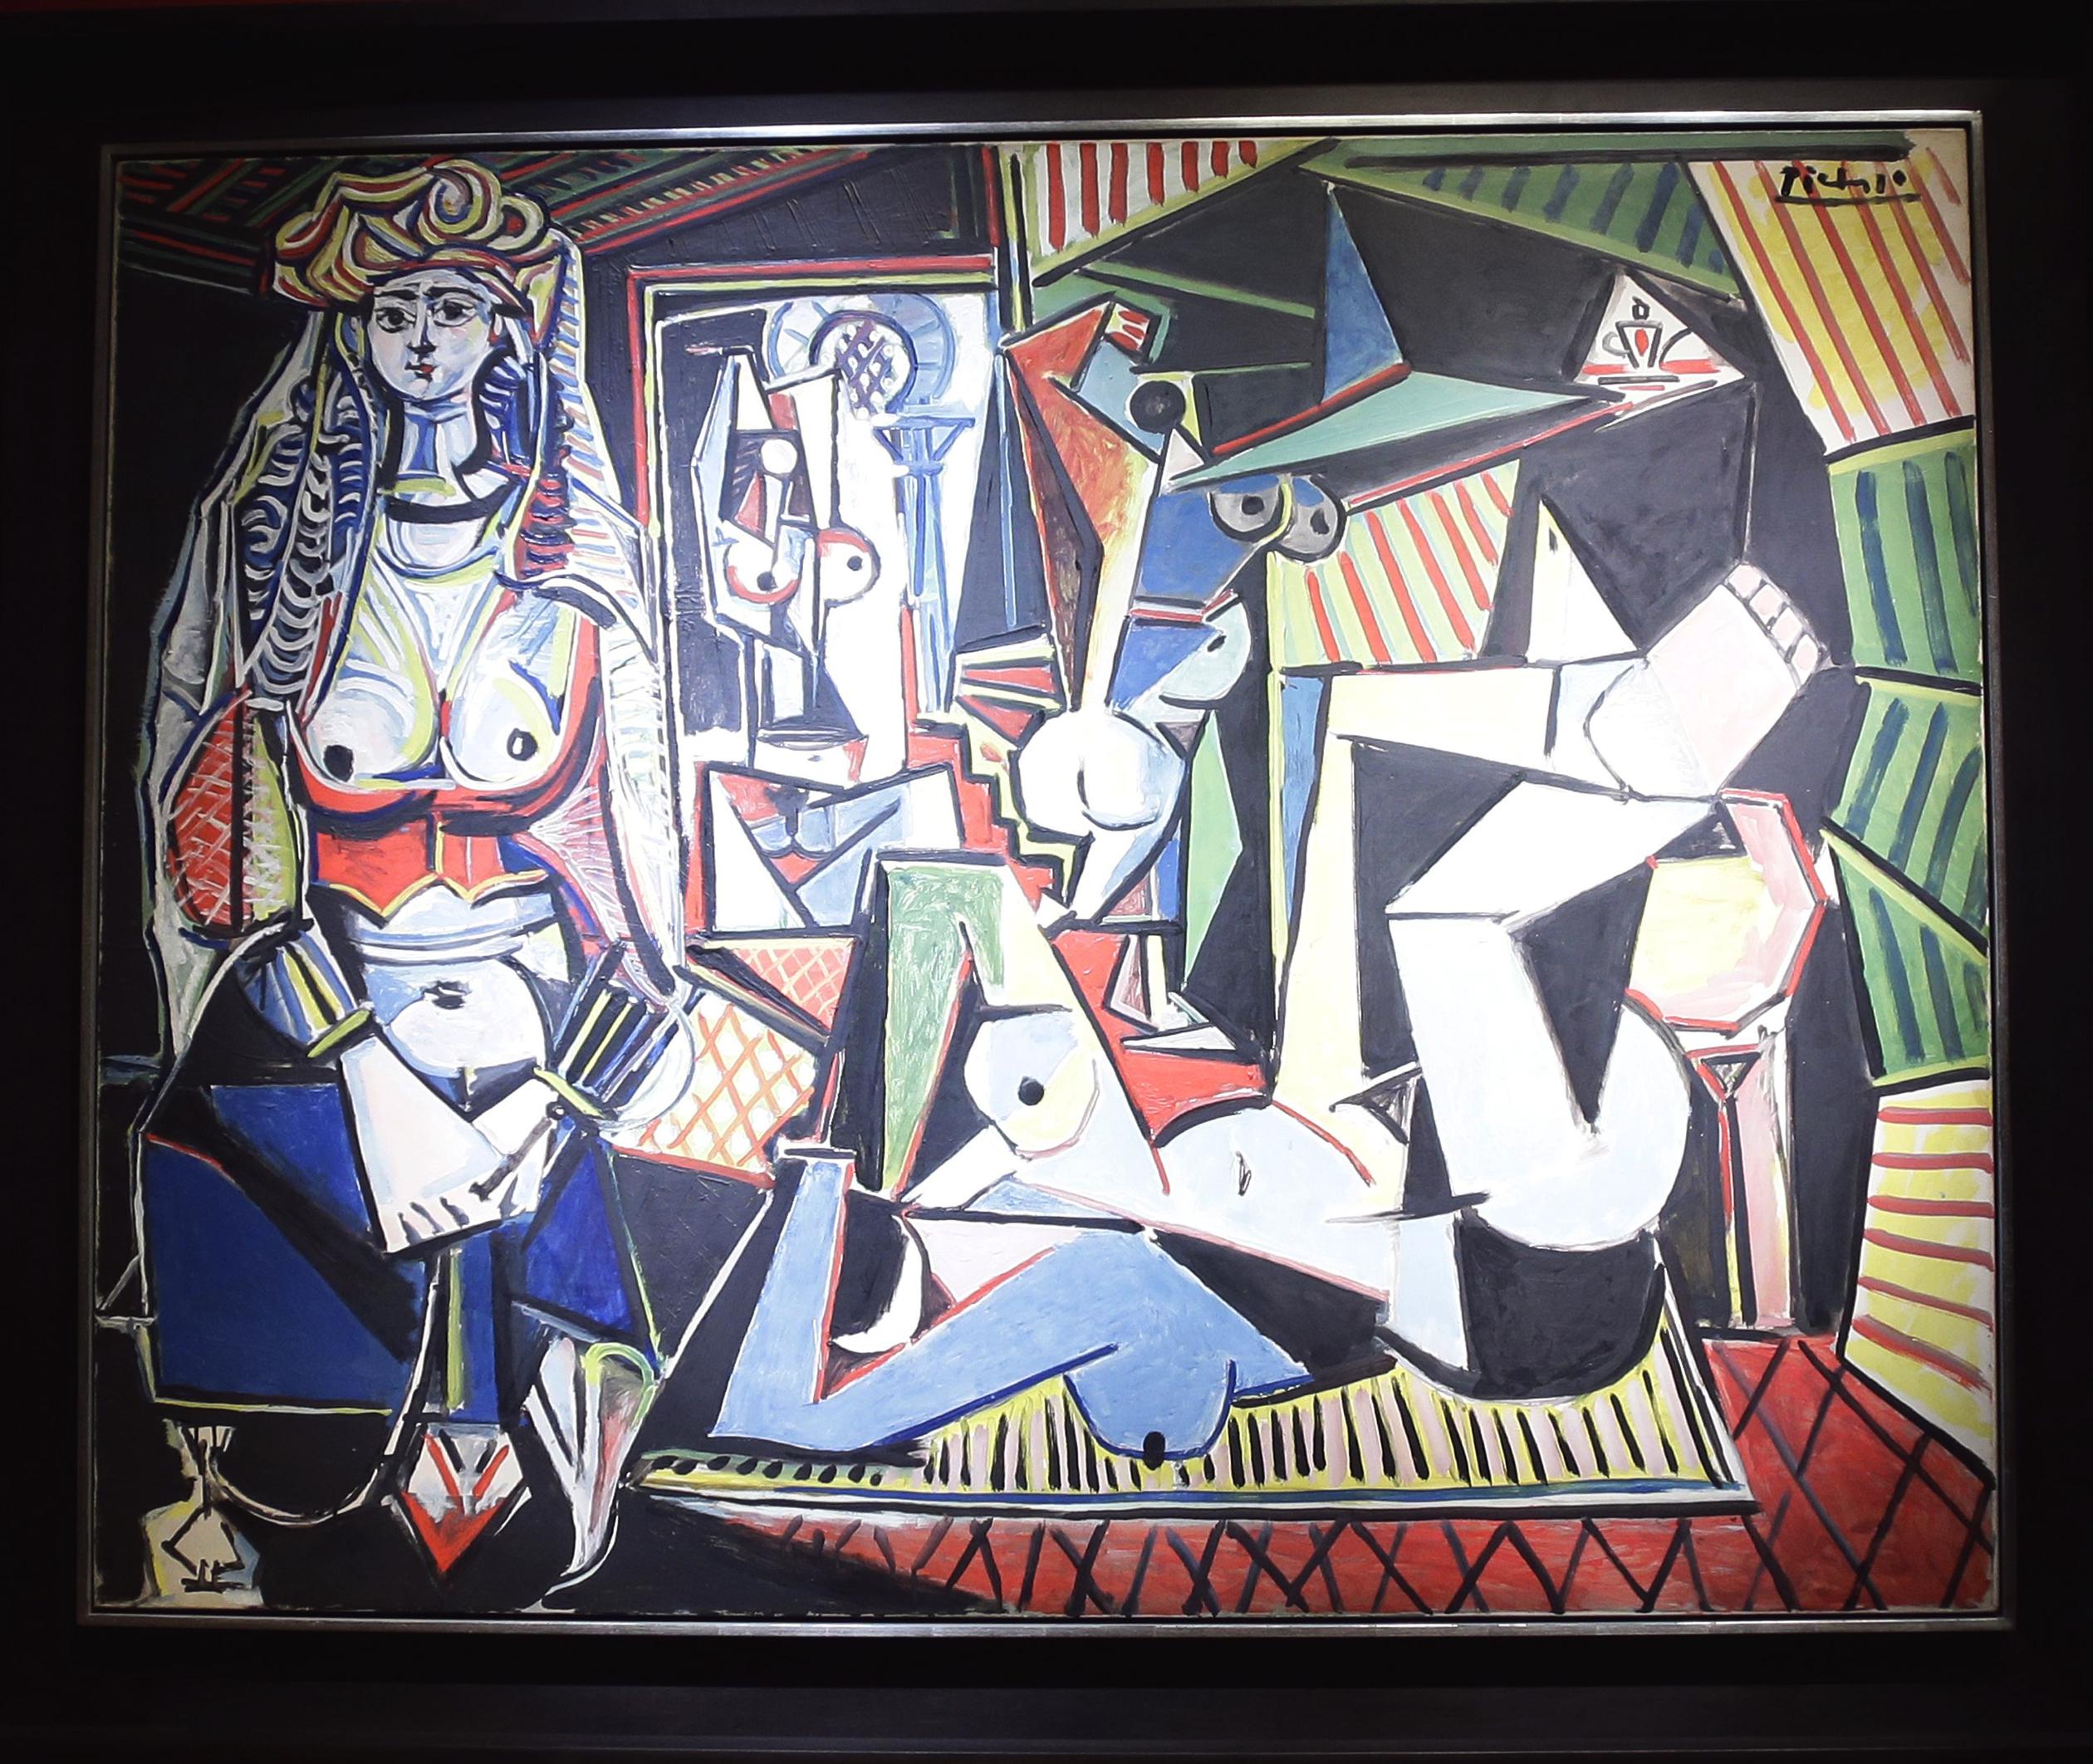 Pablo Picasso's painting 'Les femmes d'Alger